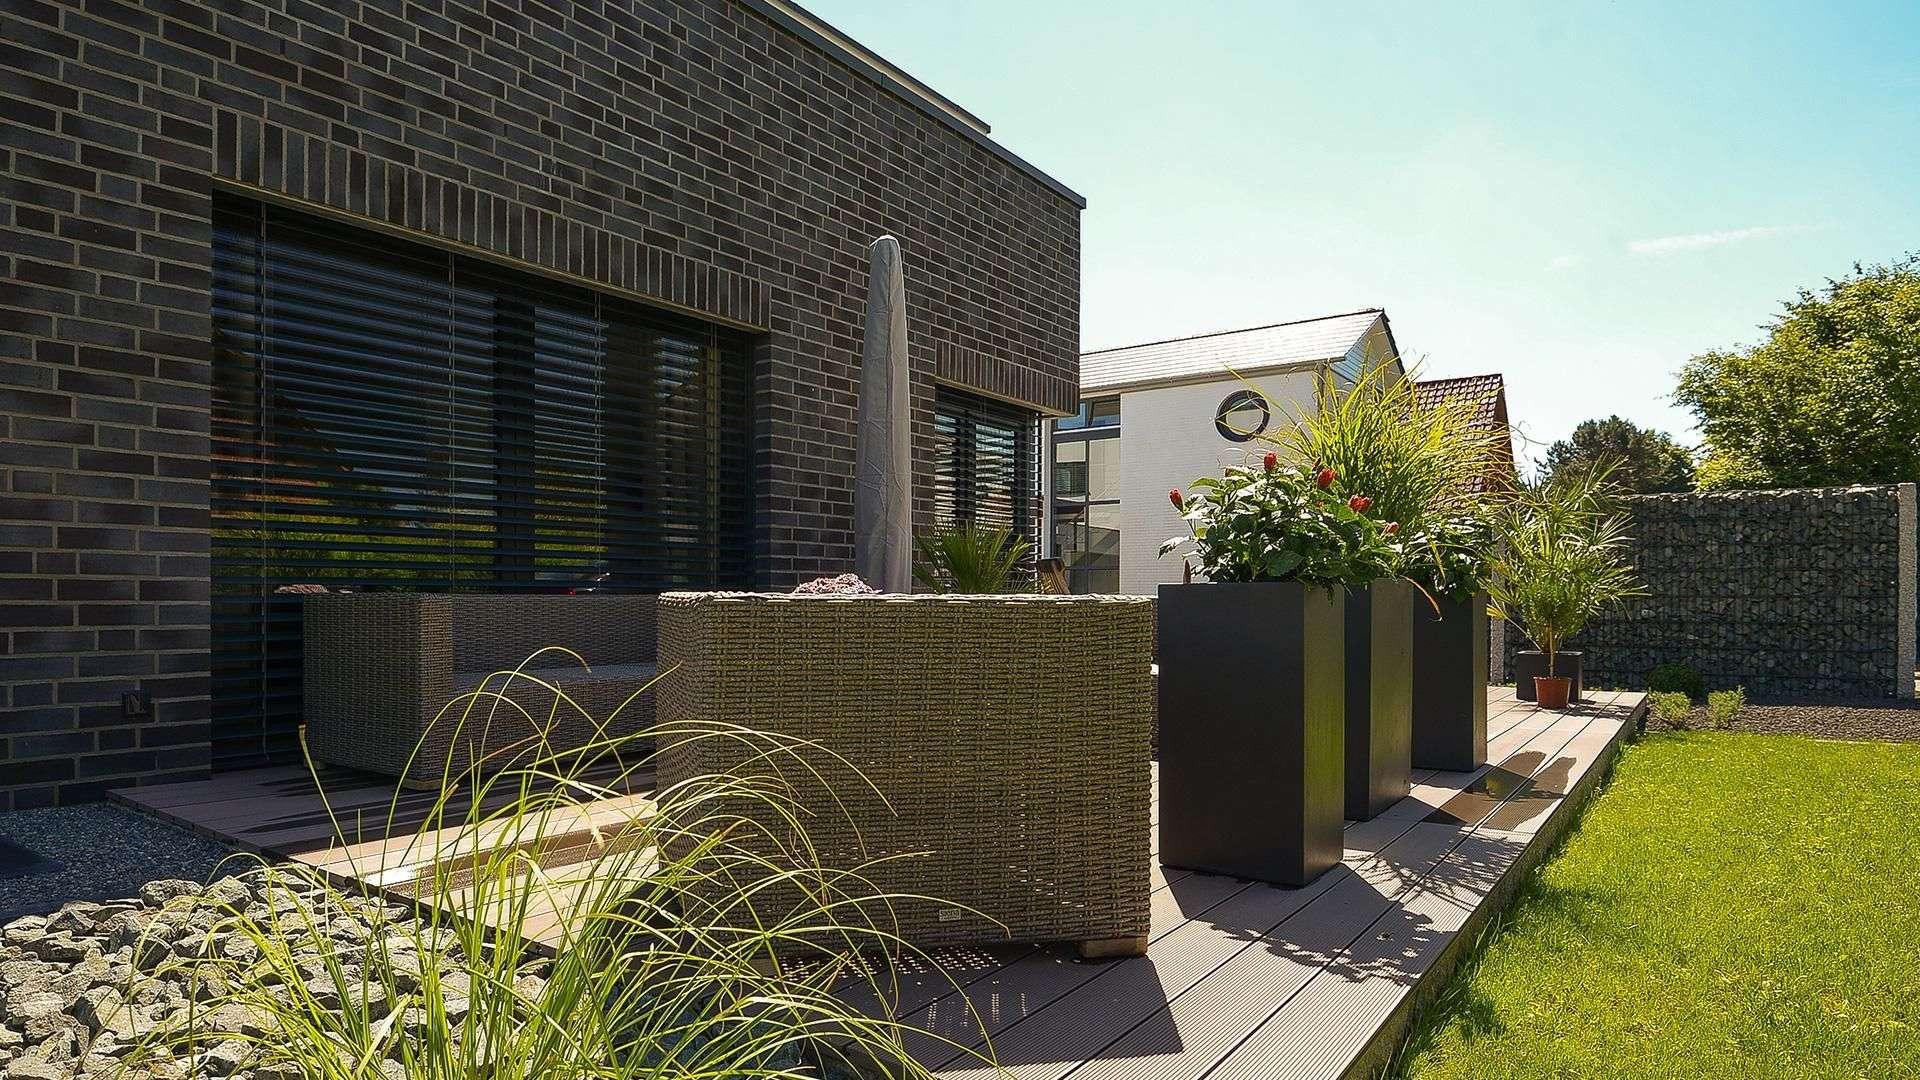 Terrasse mit hochwertigen Sitzmöbeln